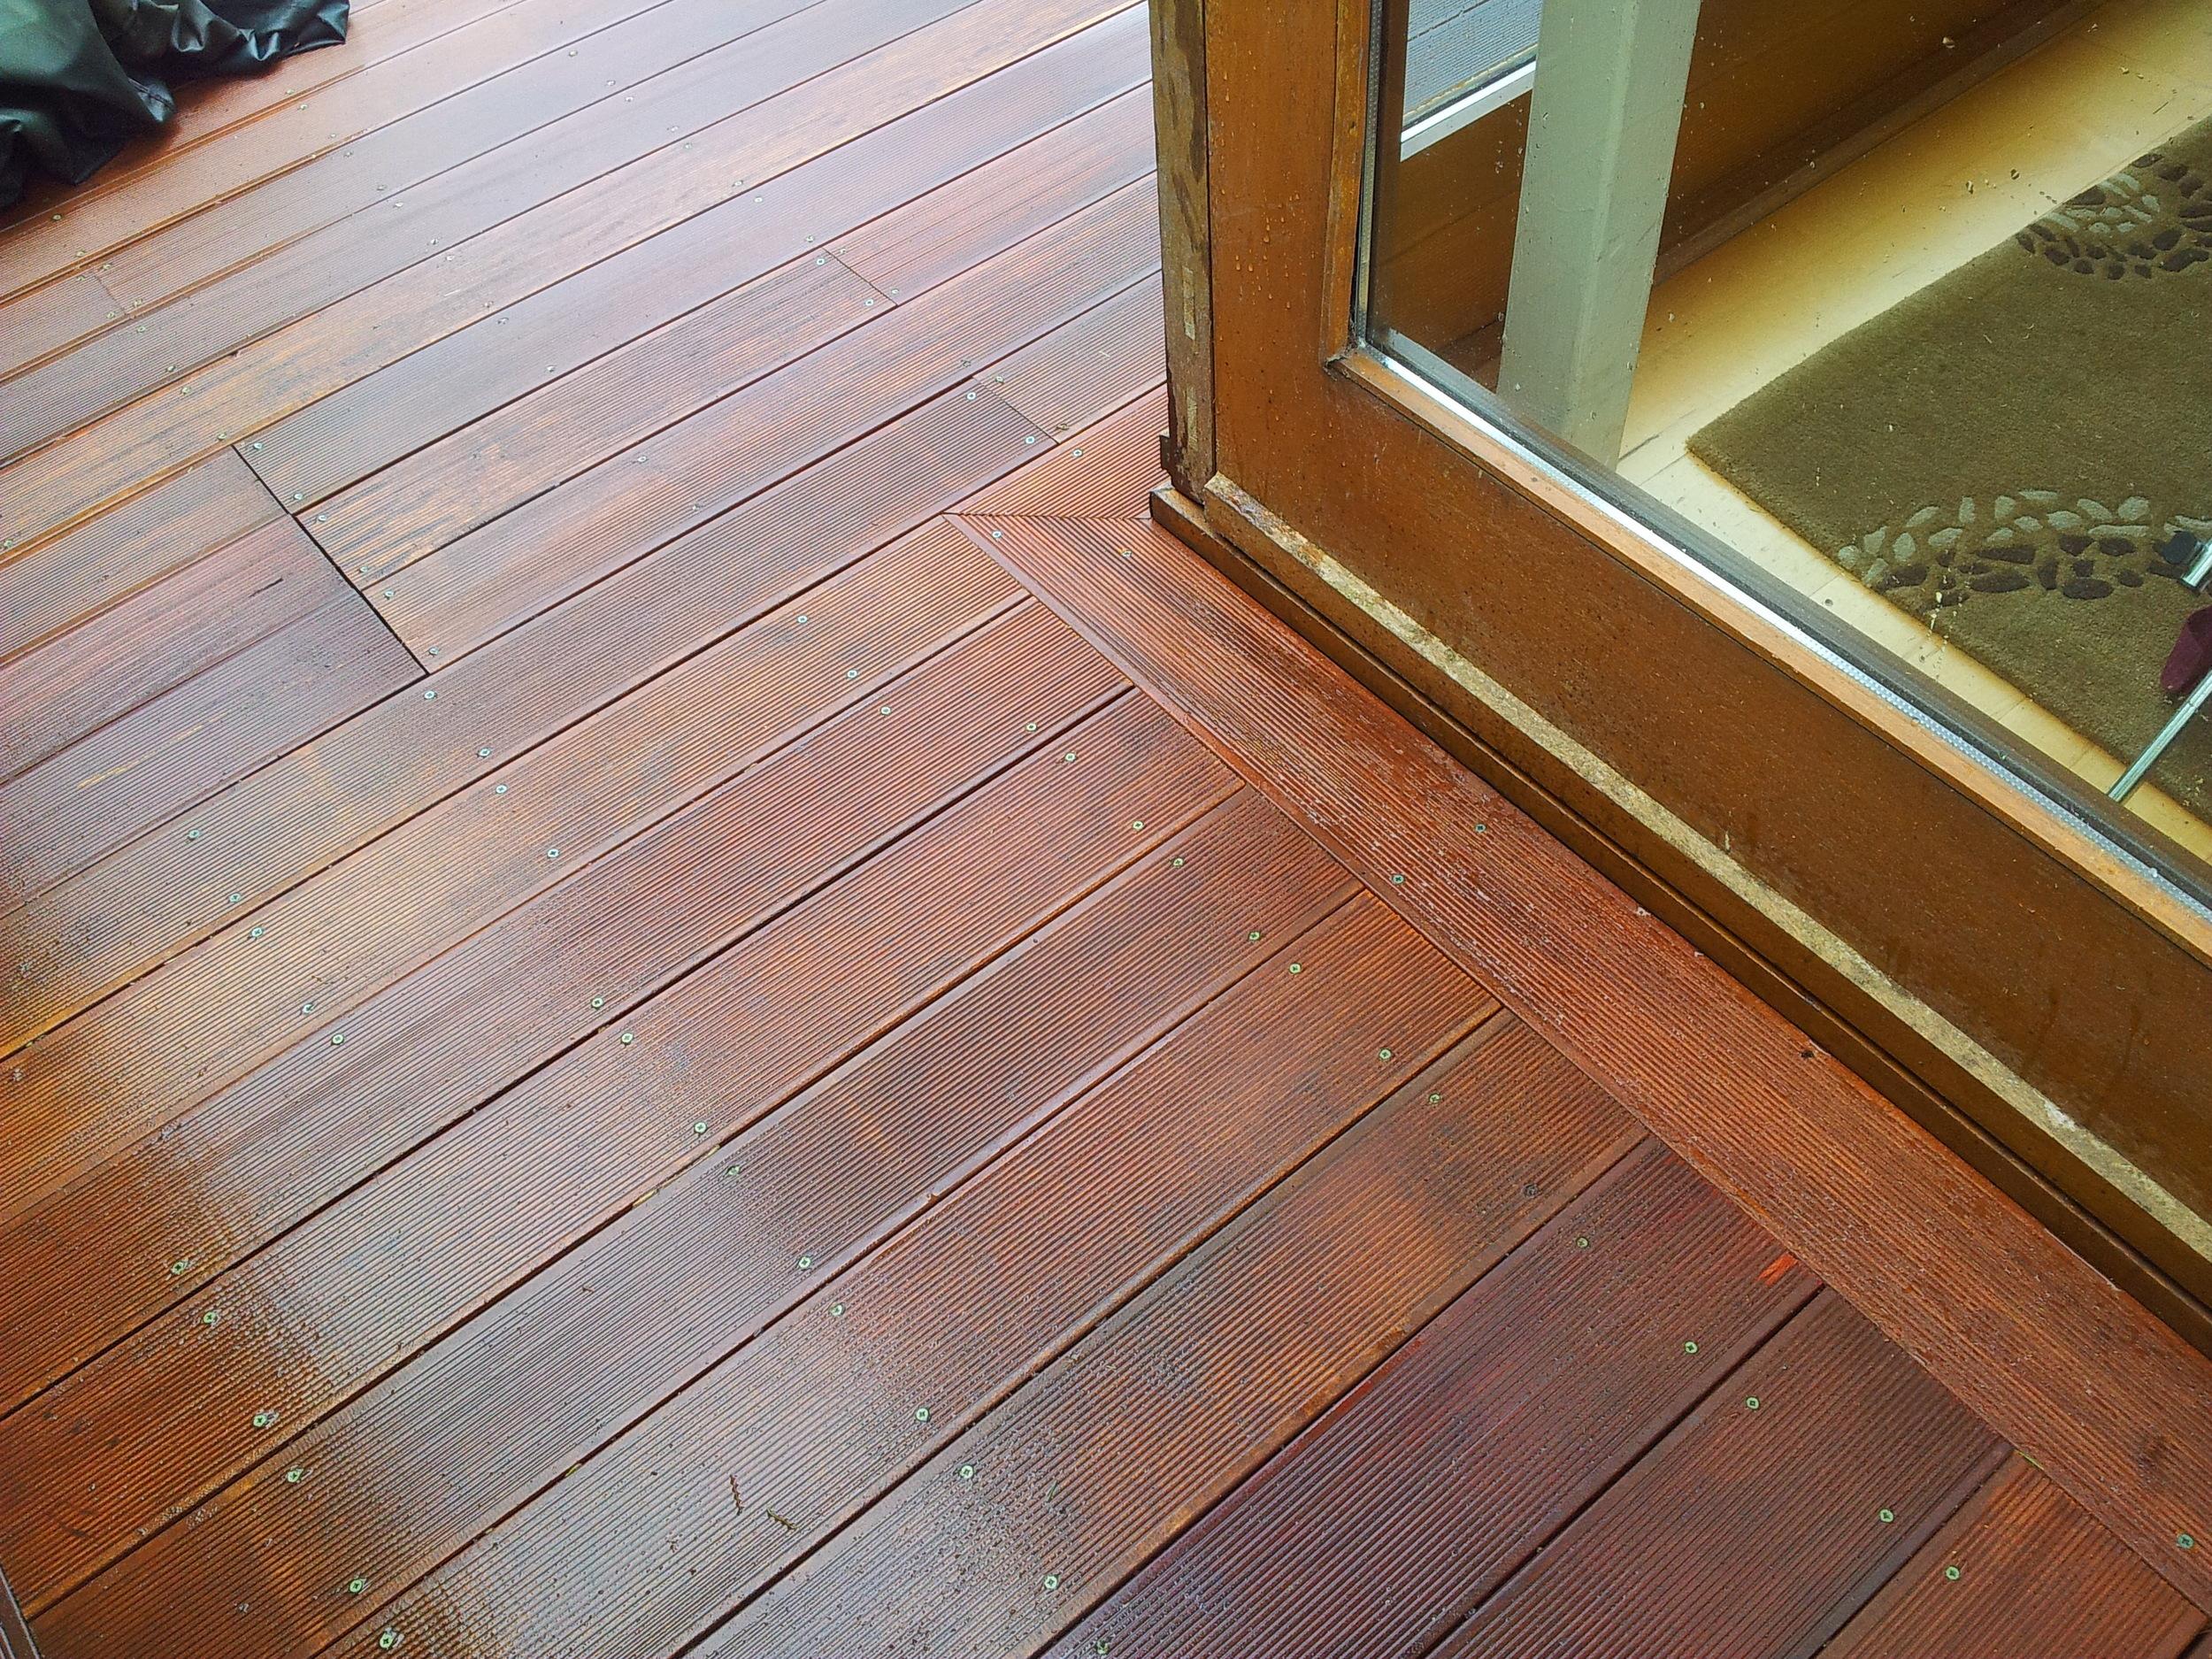 hardwood decking detail